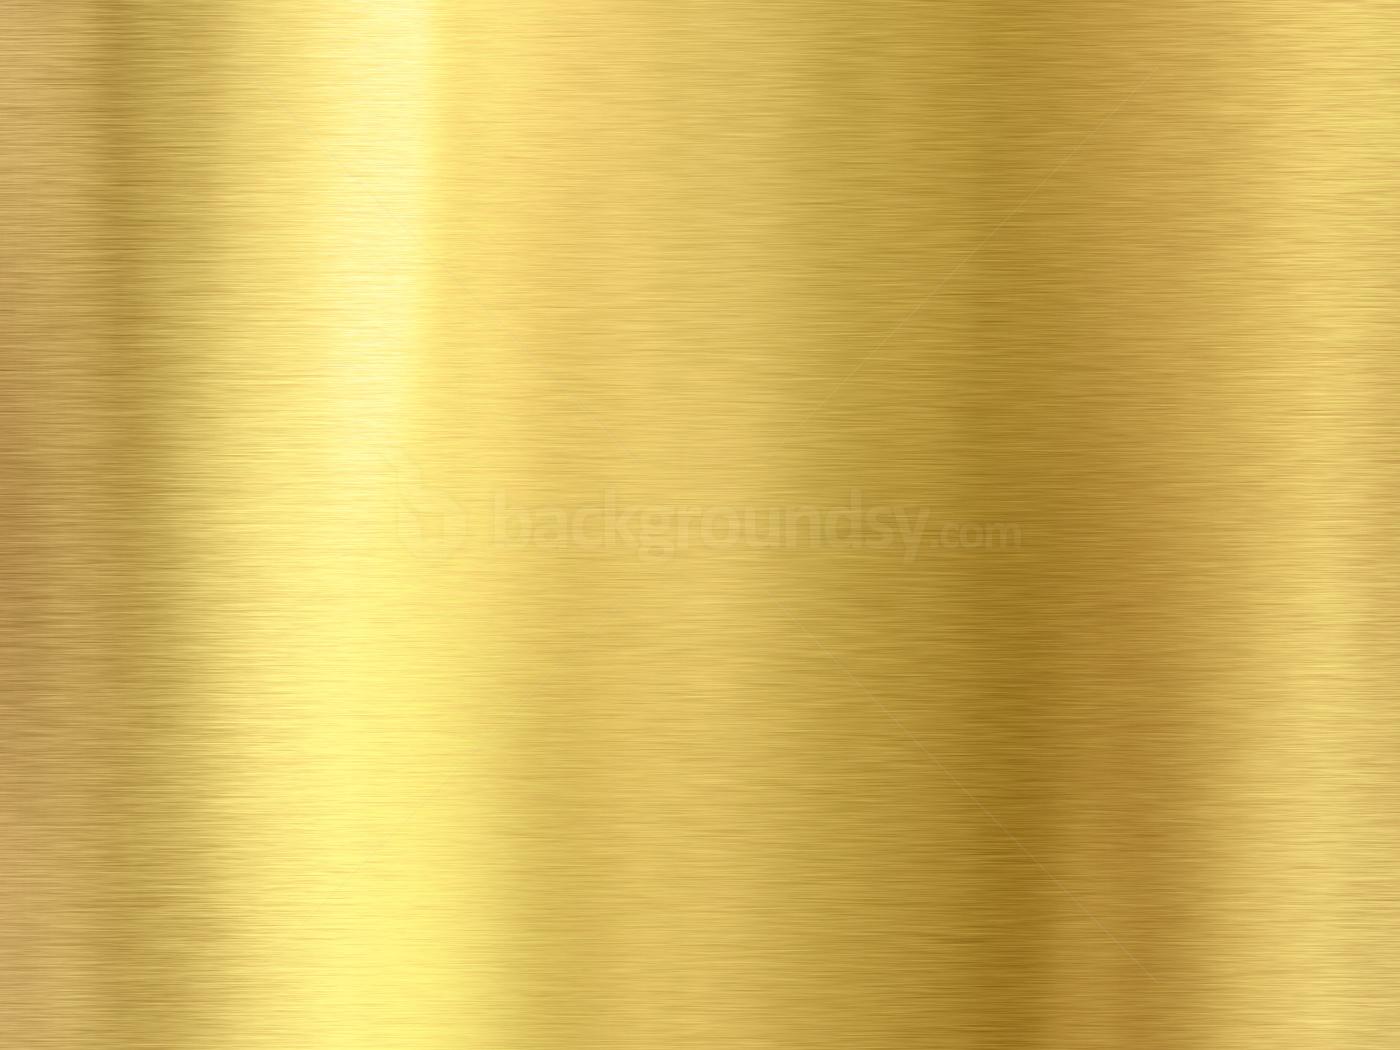 Gold background Backgroundsycom 1400x1050